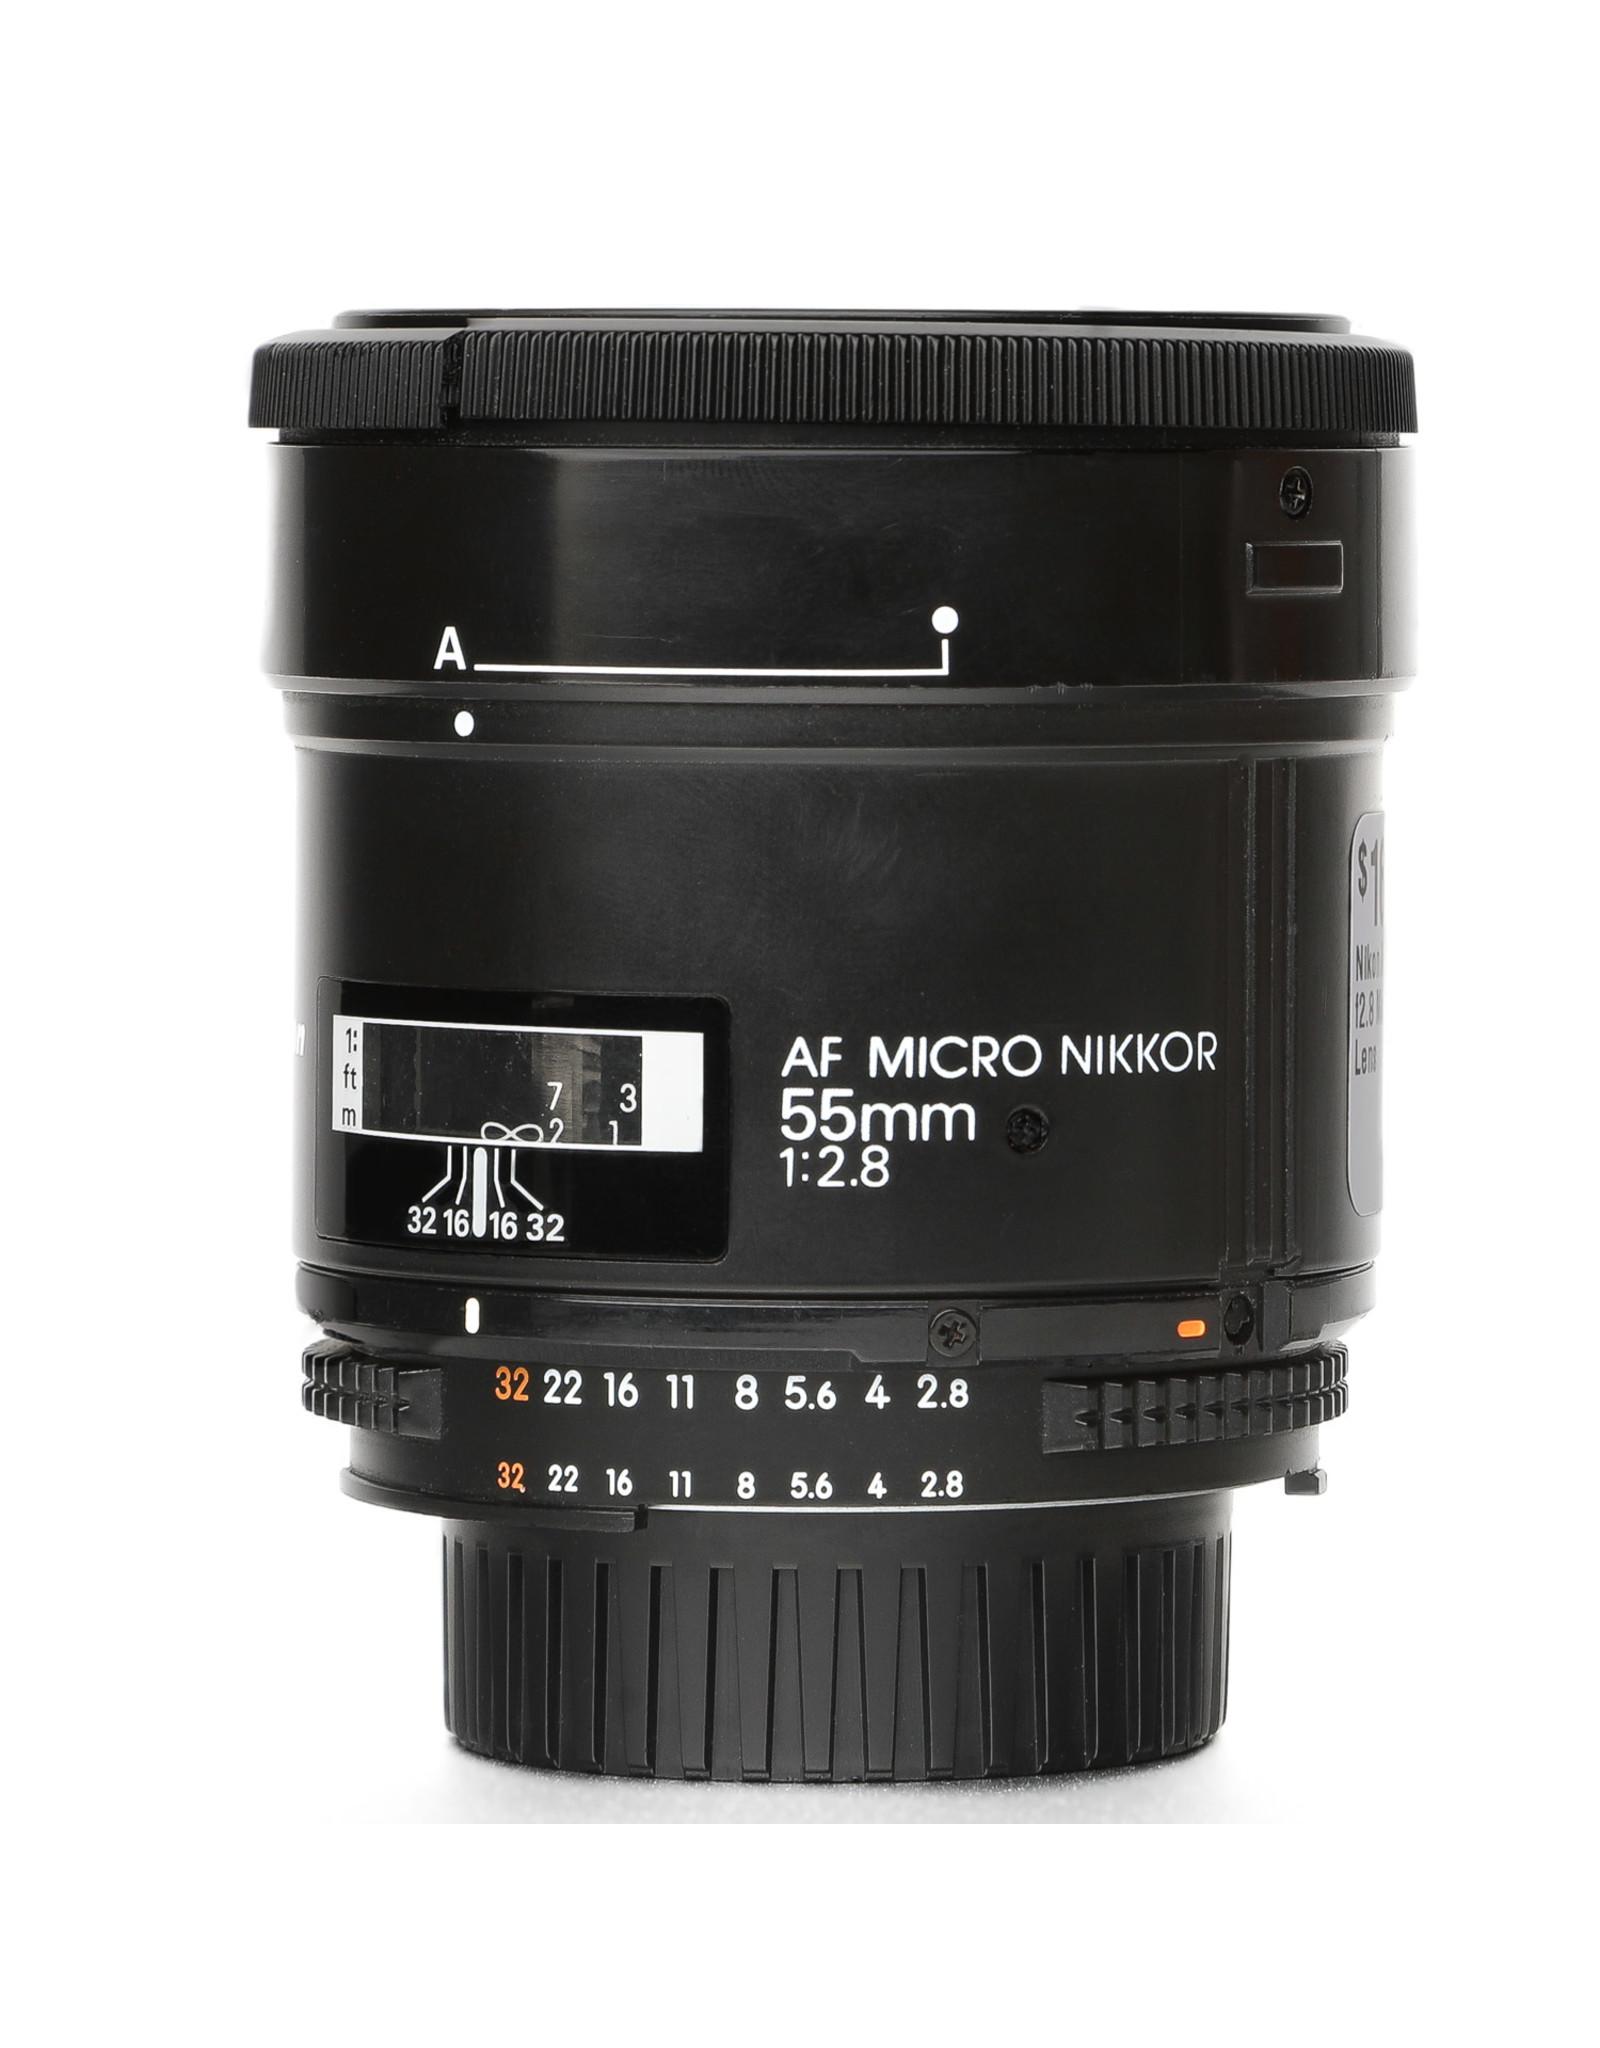 Nikon Nikon AF 55mm f2.8 Micro Nikkor Lens